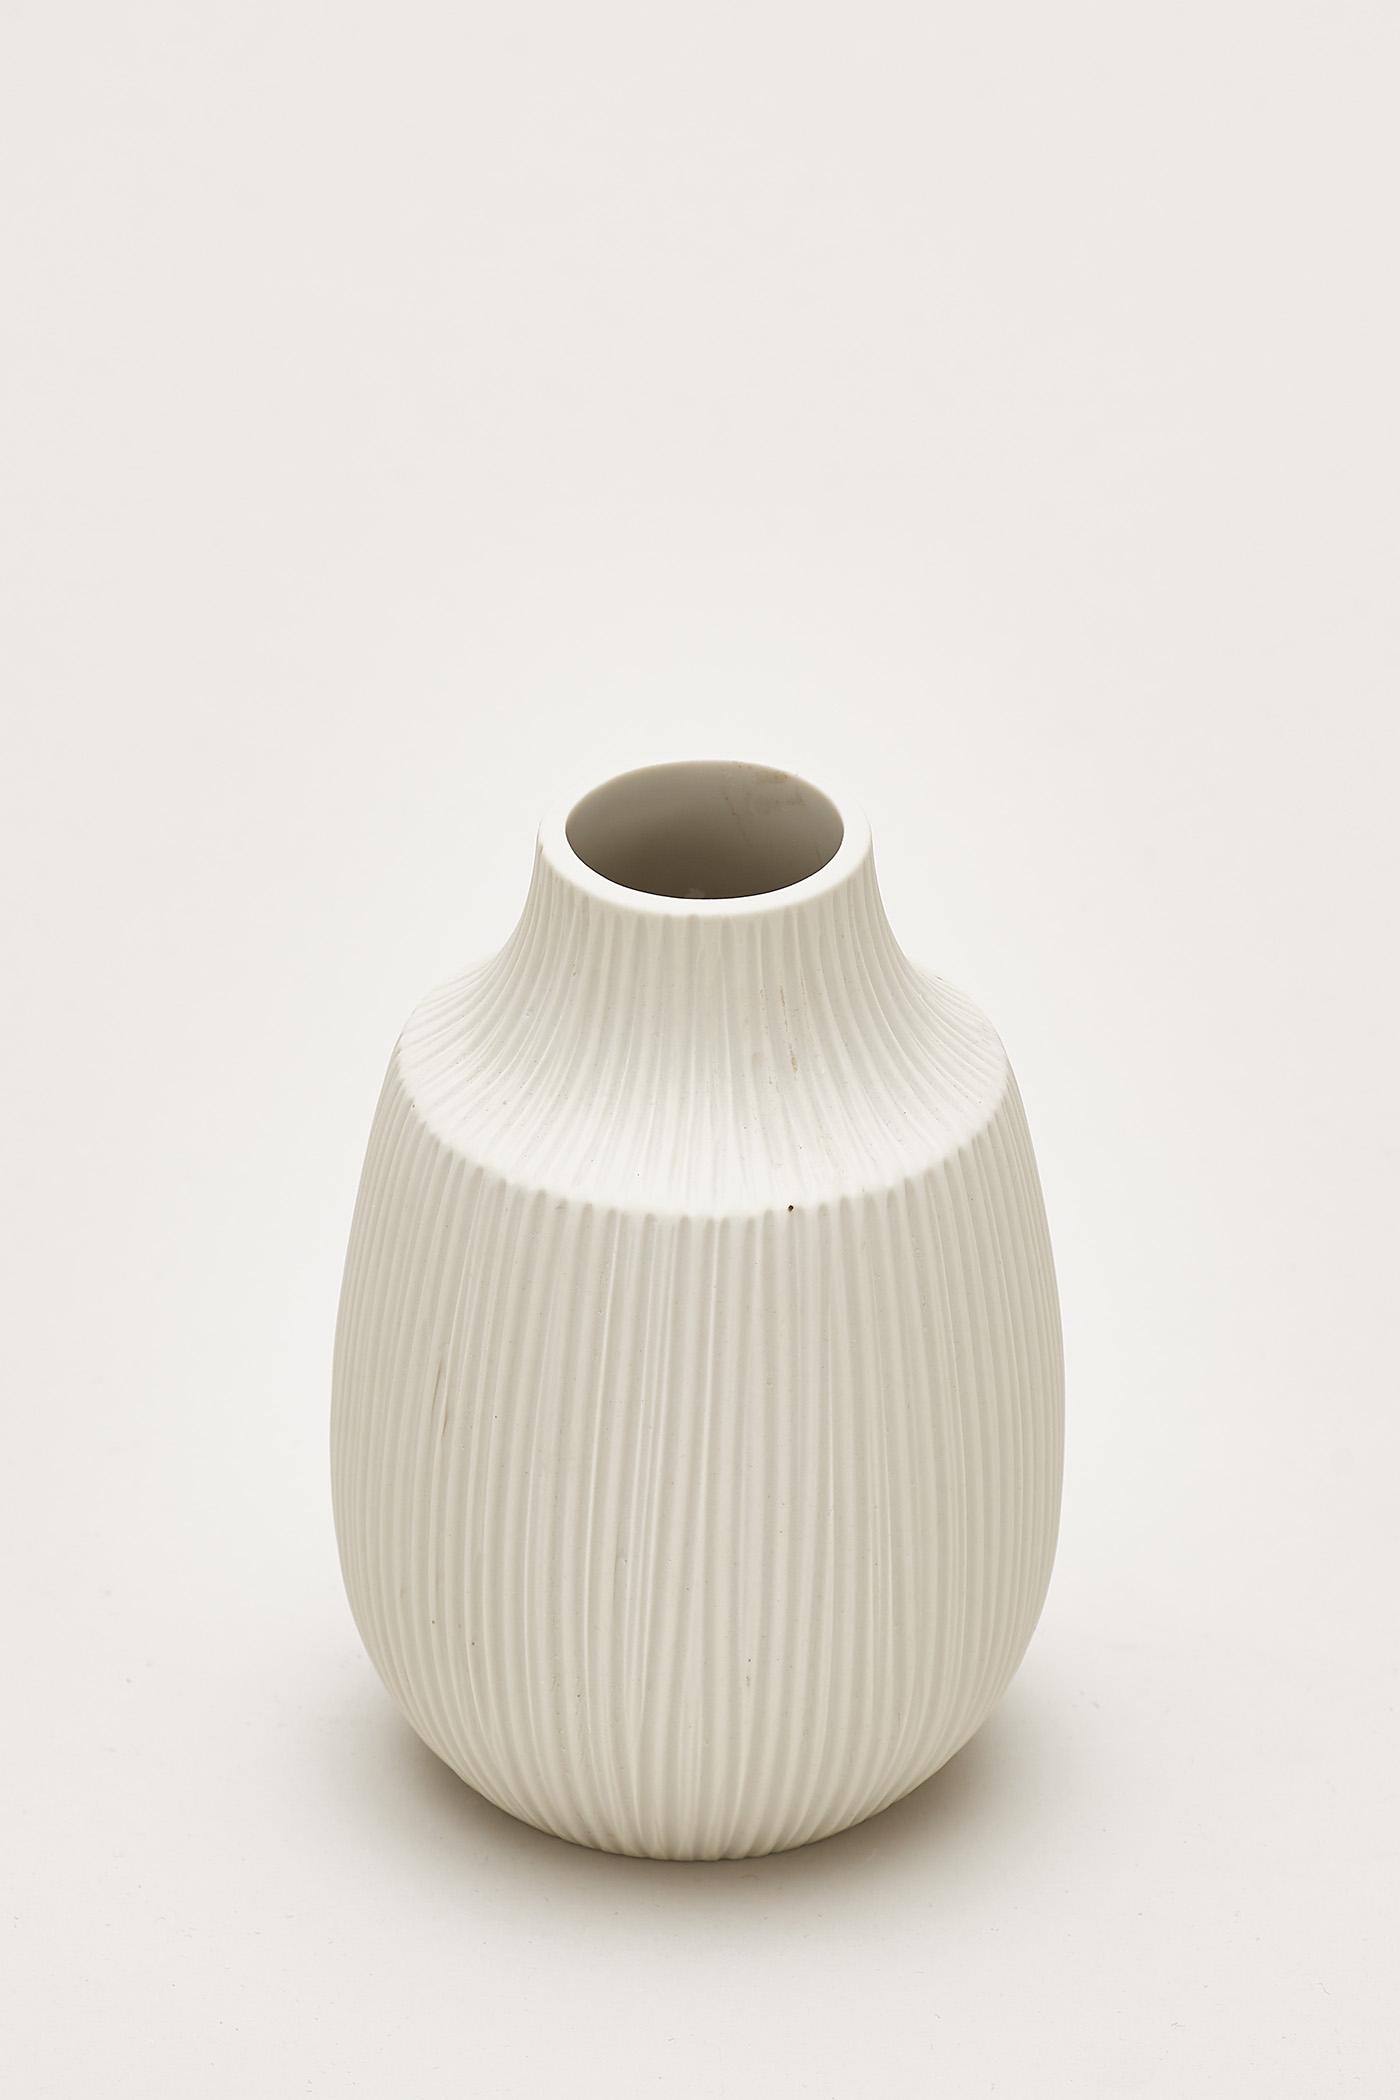 Hiro Embossed-Line Ceramic Vase